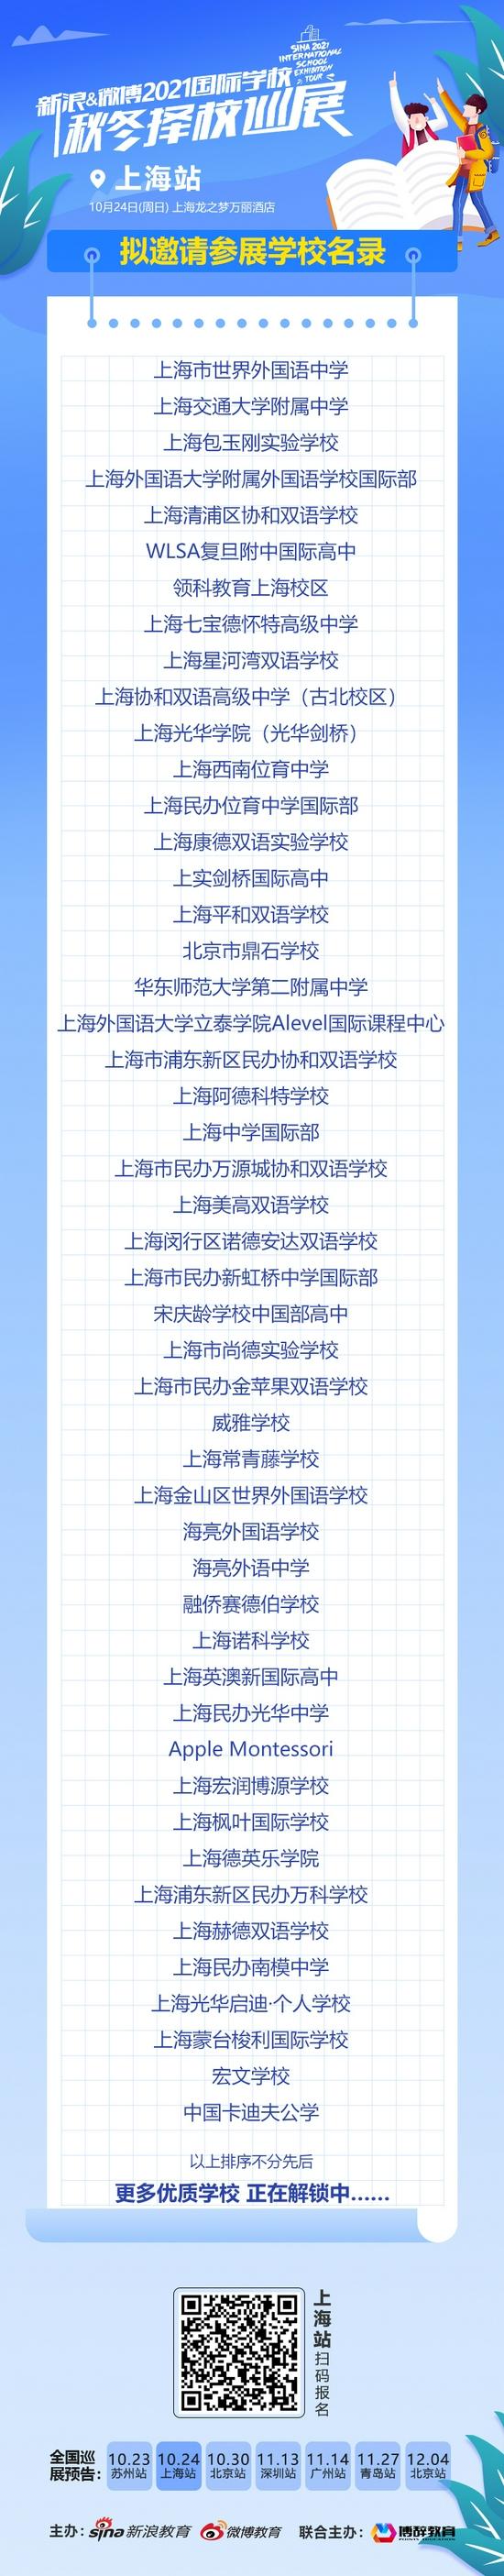 上海苏州国际学校如何选?新浪&微博国际学校择校展来了